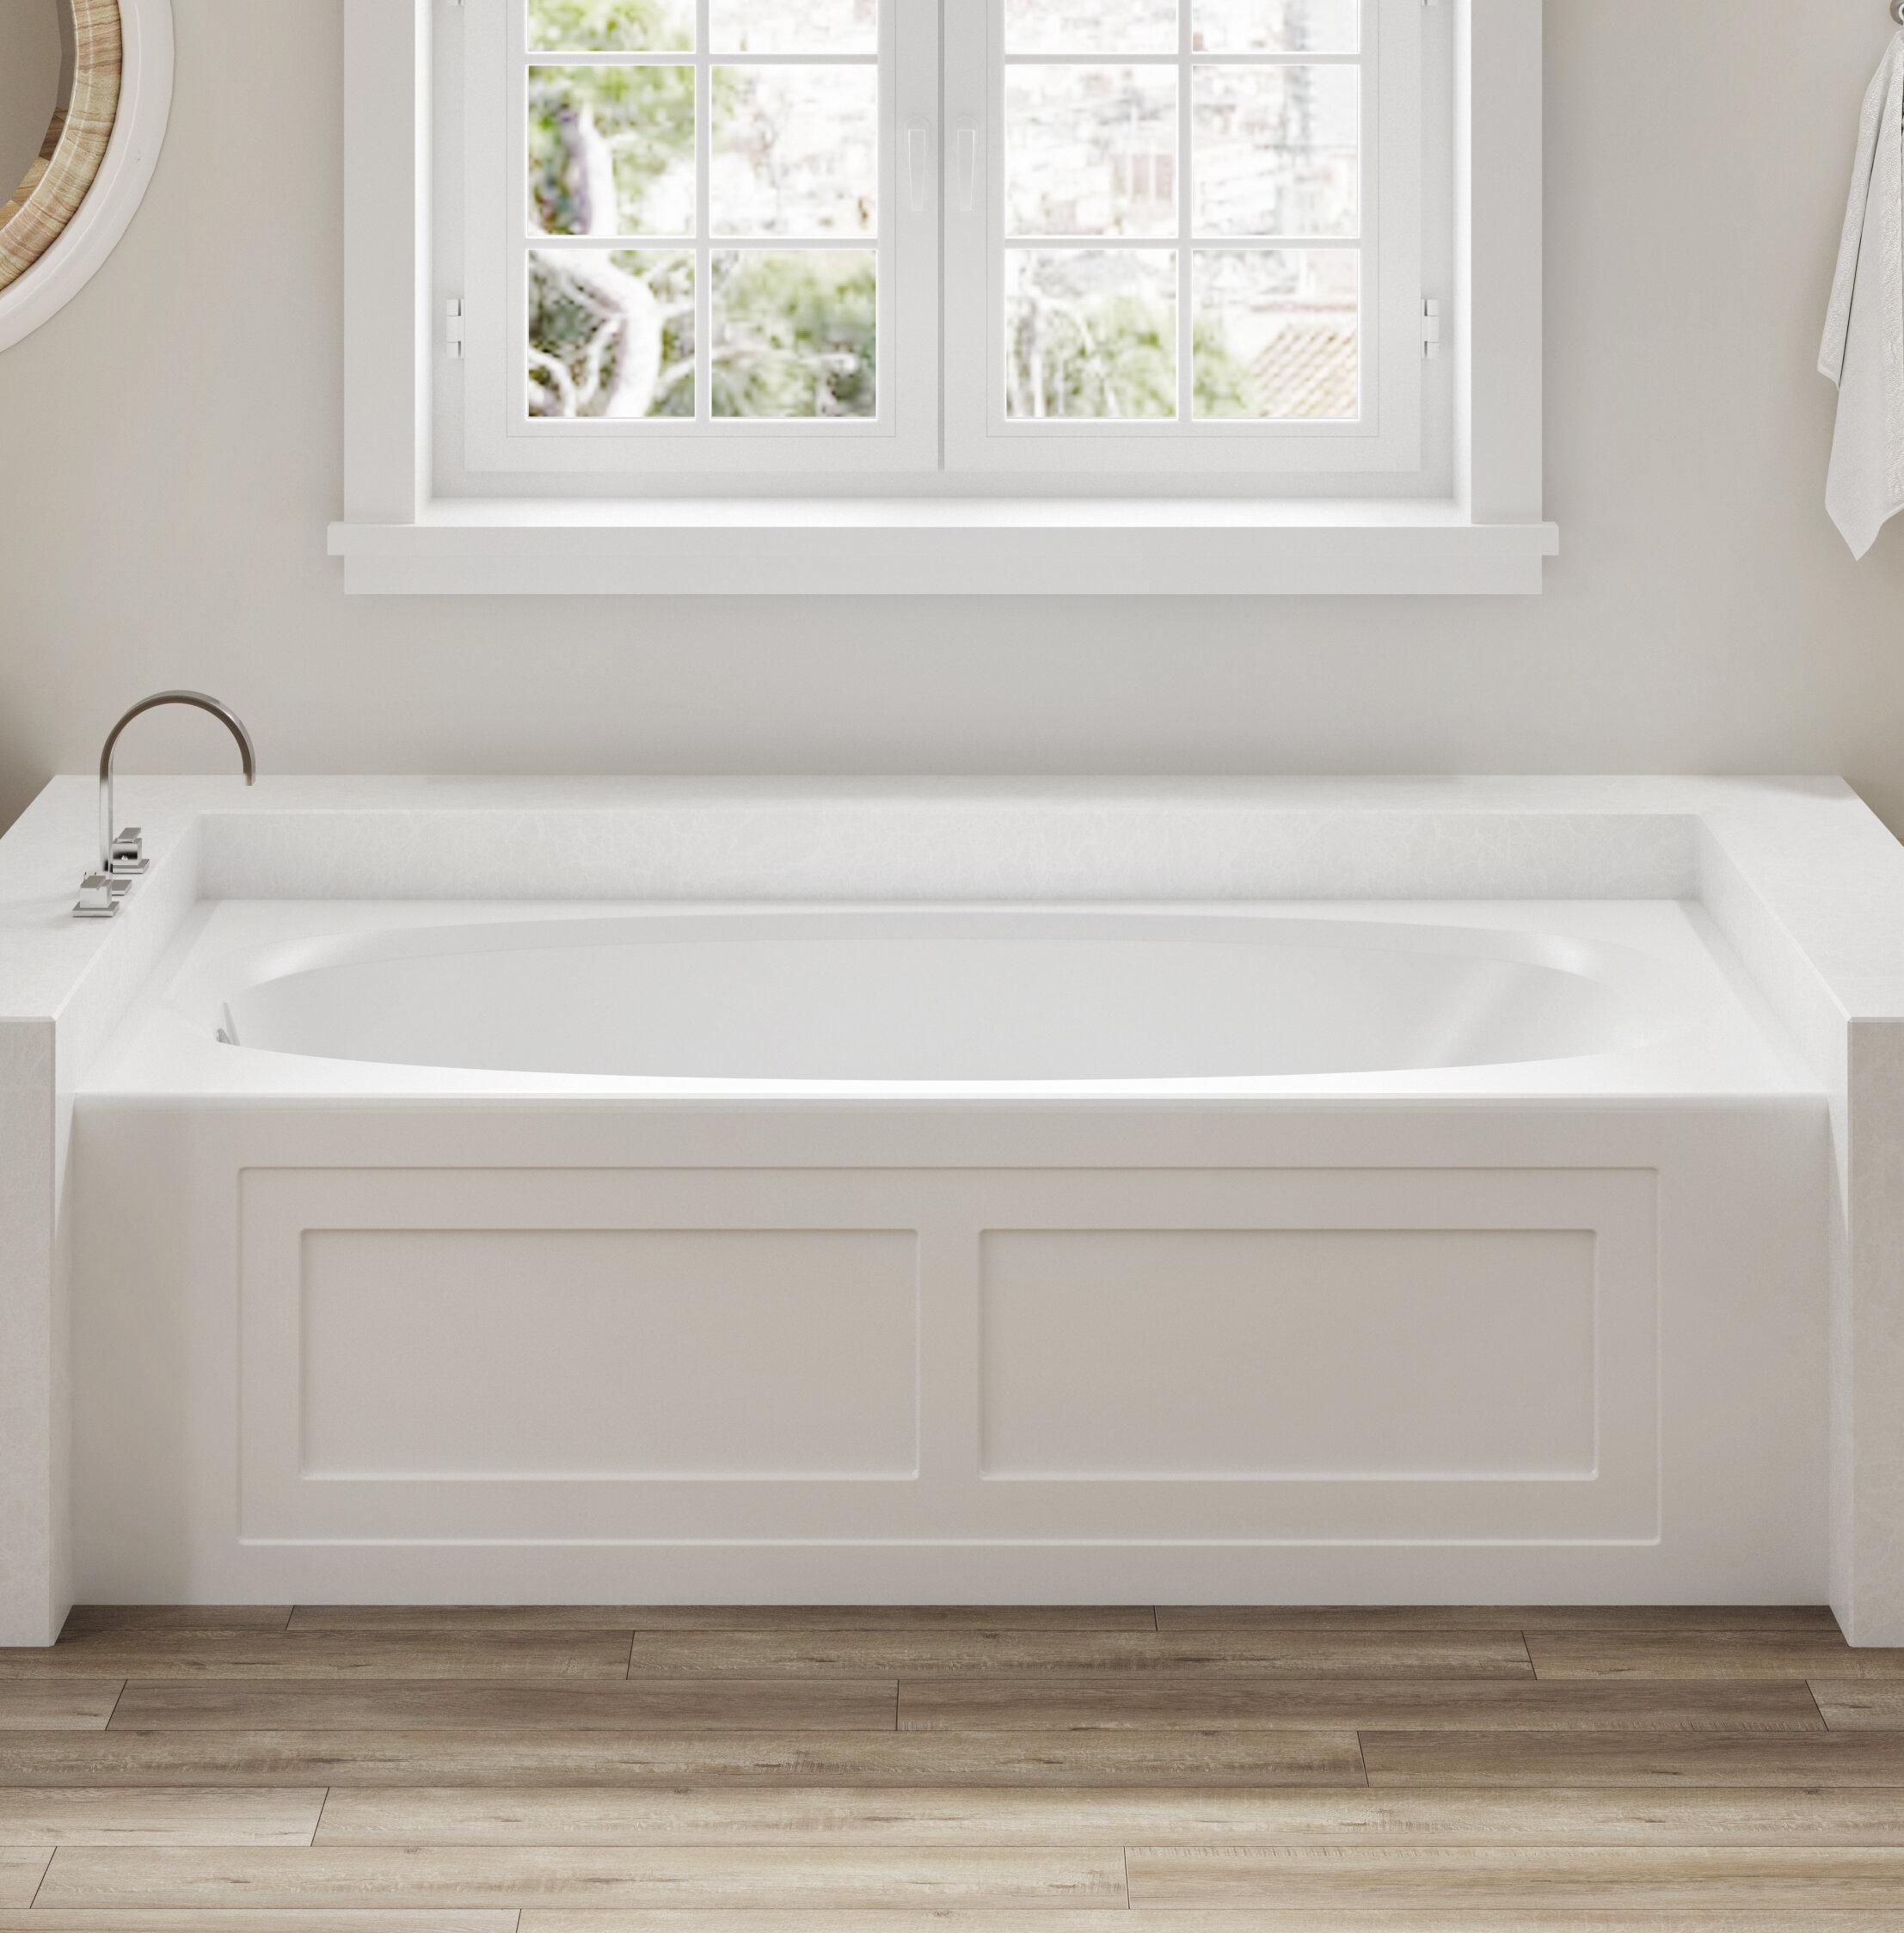 Jacuzzi Amiga 72 X 36 Drop In Whirlpool Bathtub Wayfair